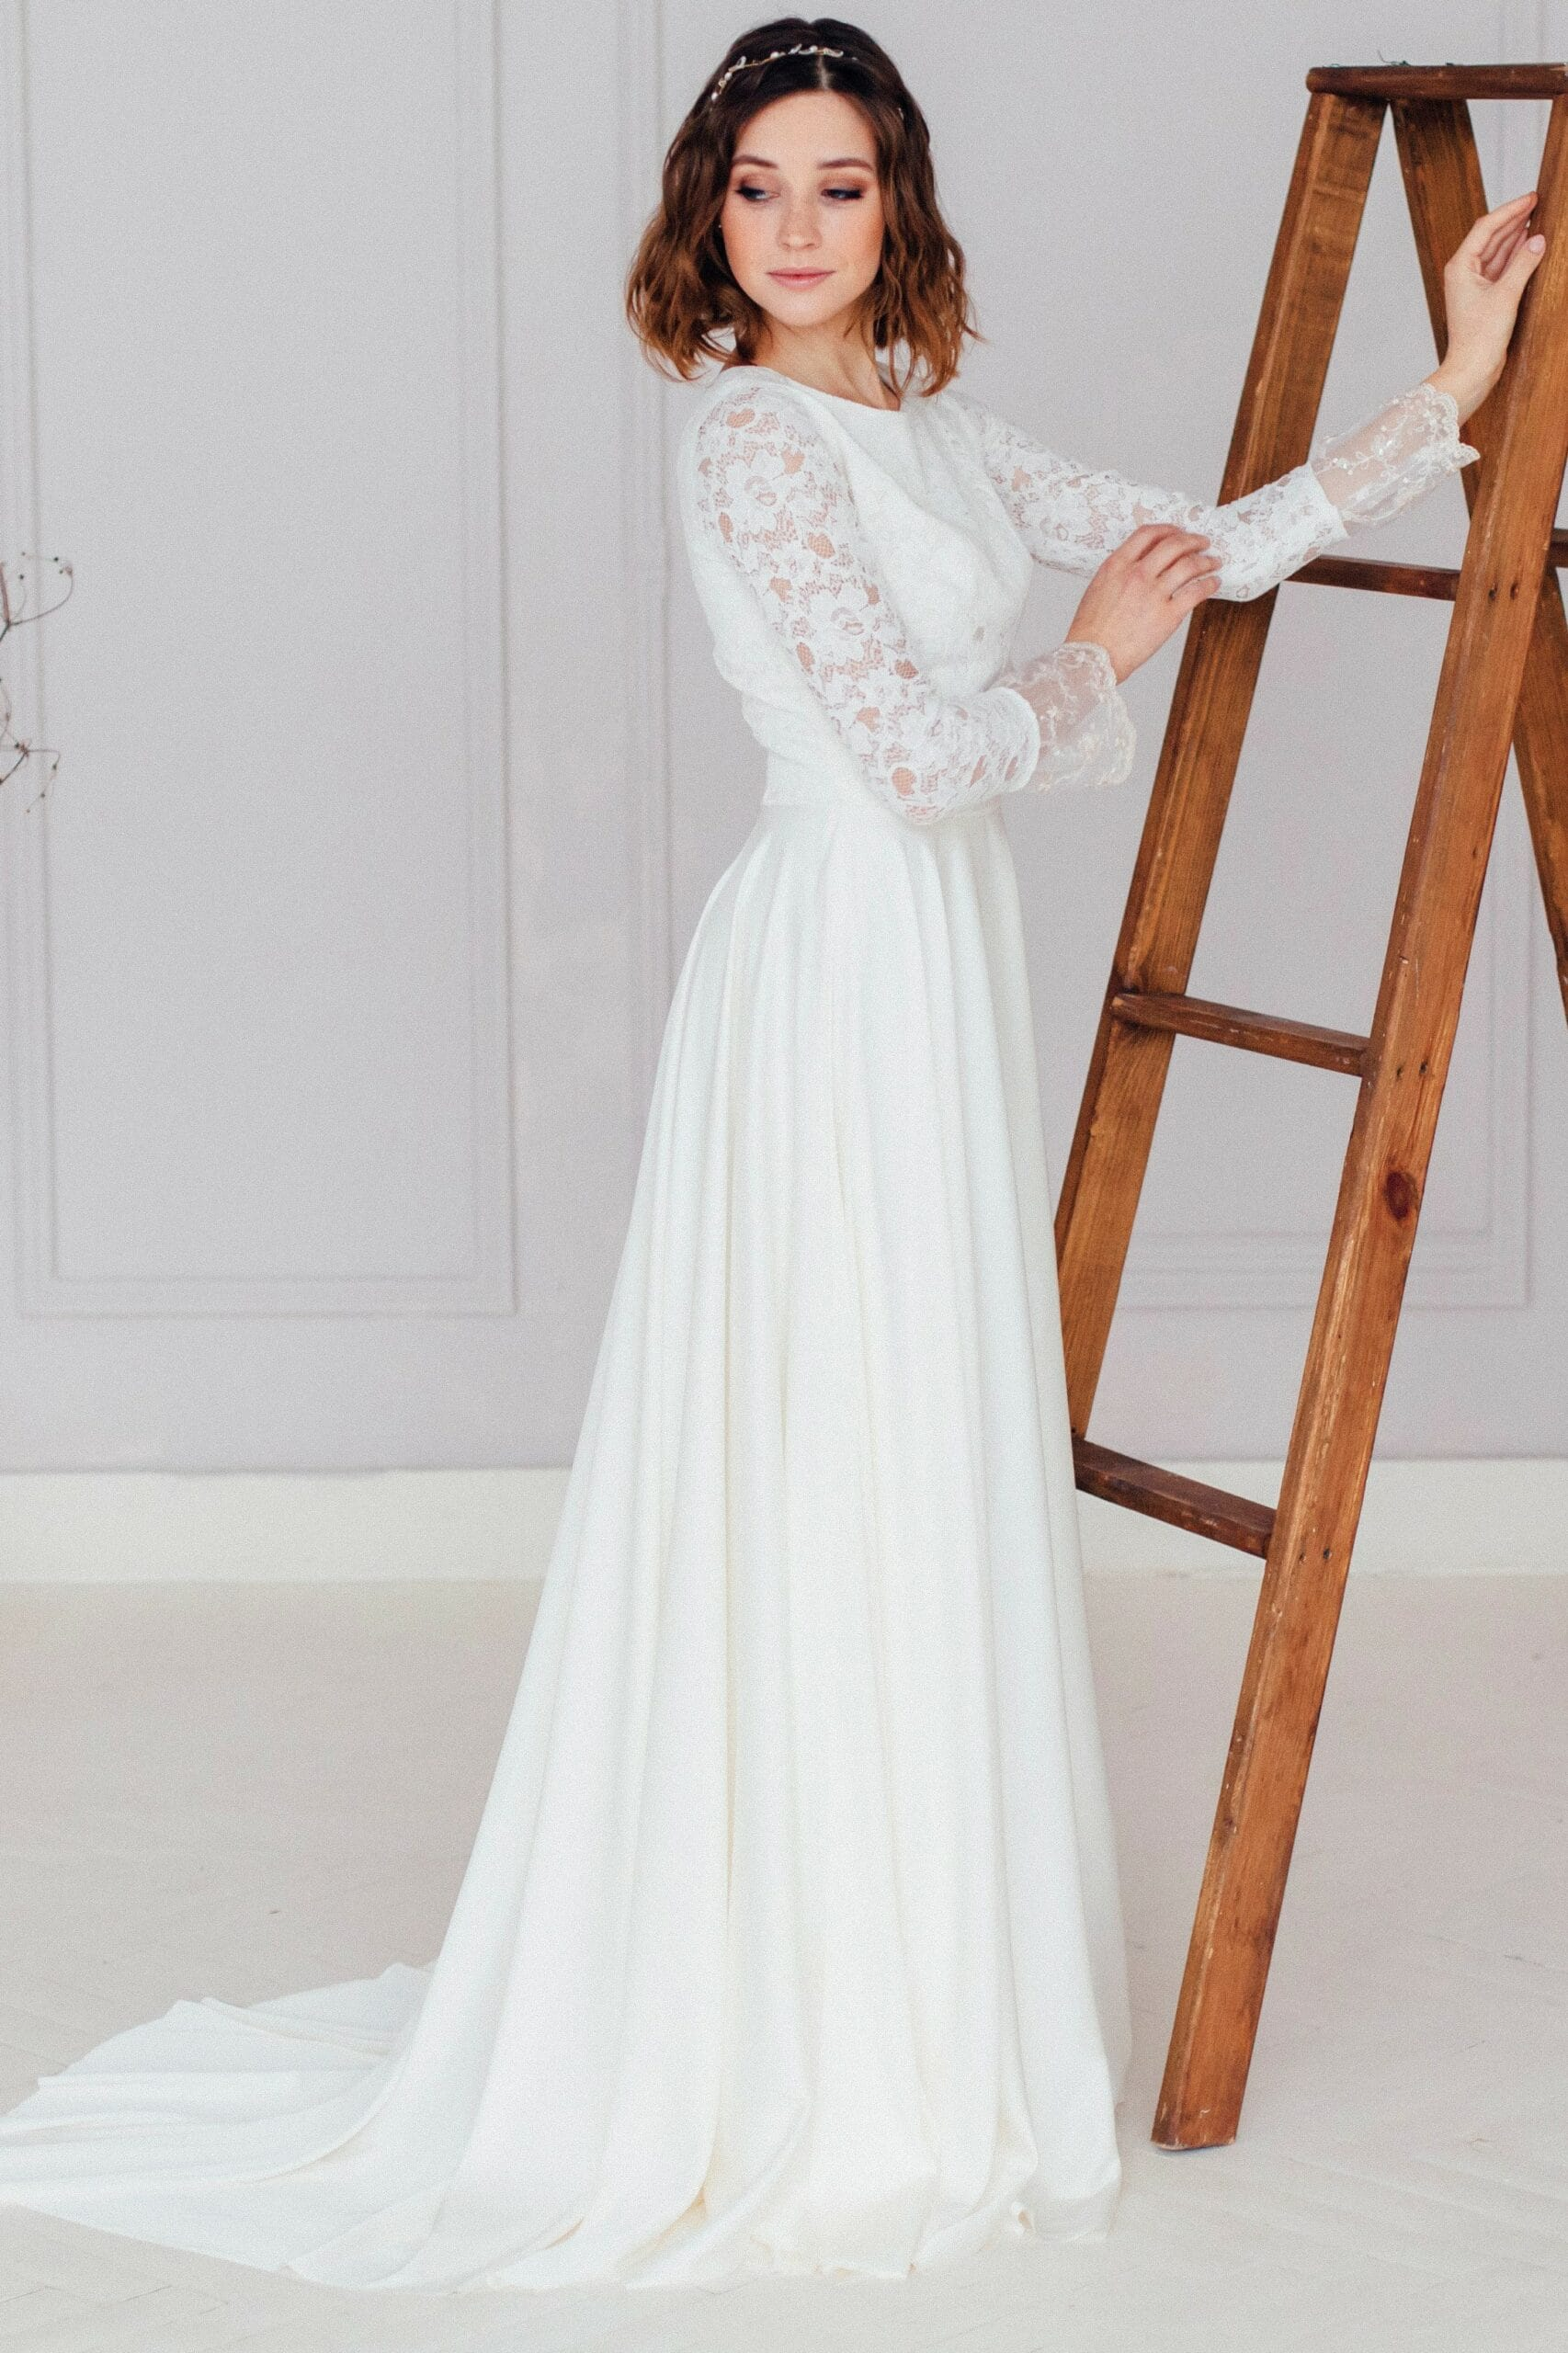 Свадебное платье ZHINA, коллекция REFINED ELEGANCE, бренд OKA NOMO, фото 4